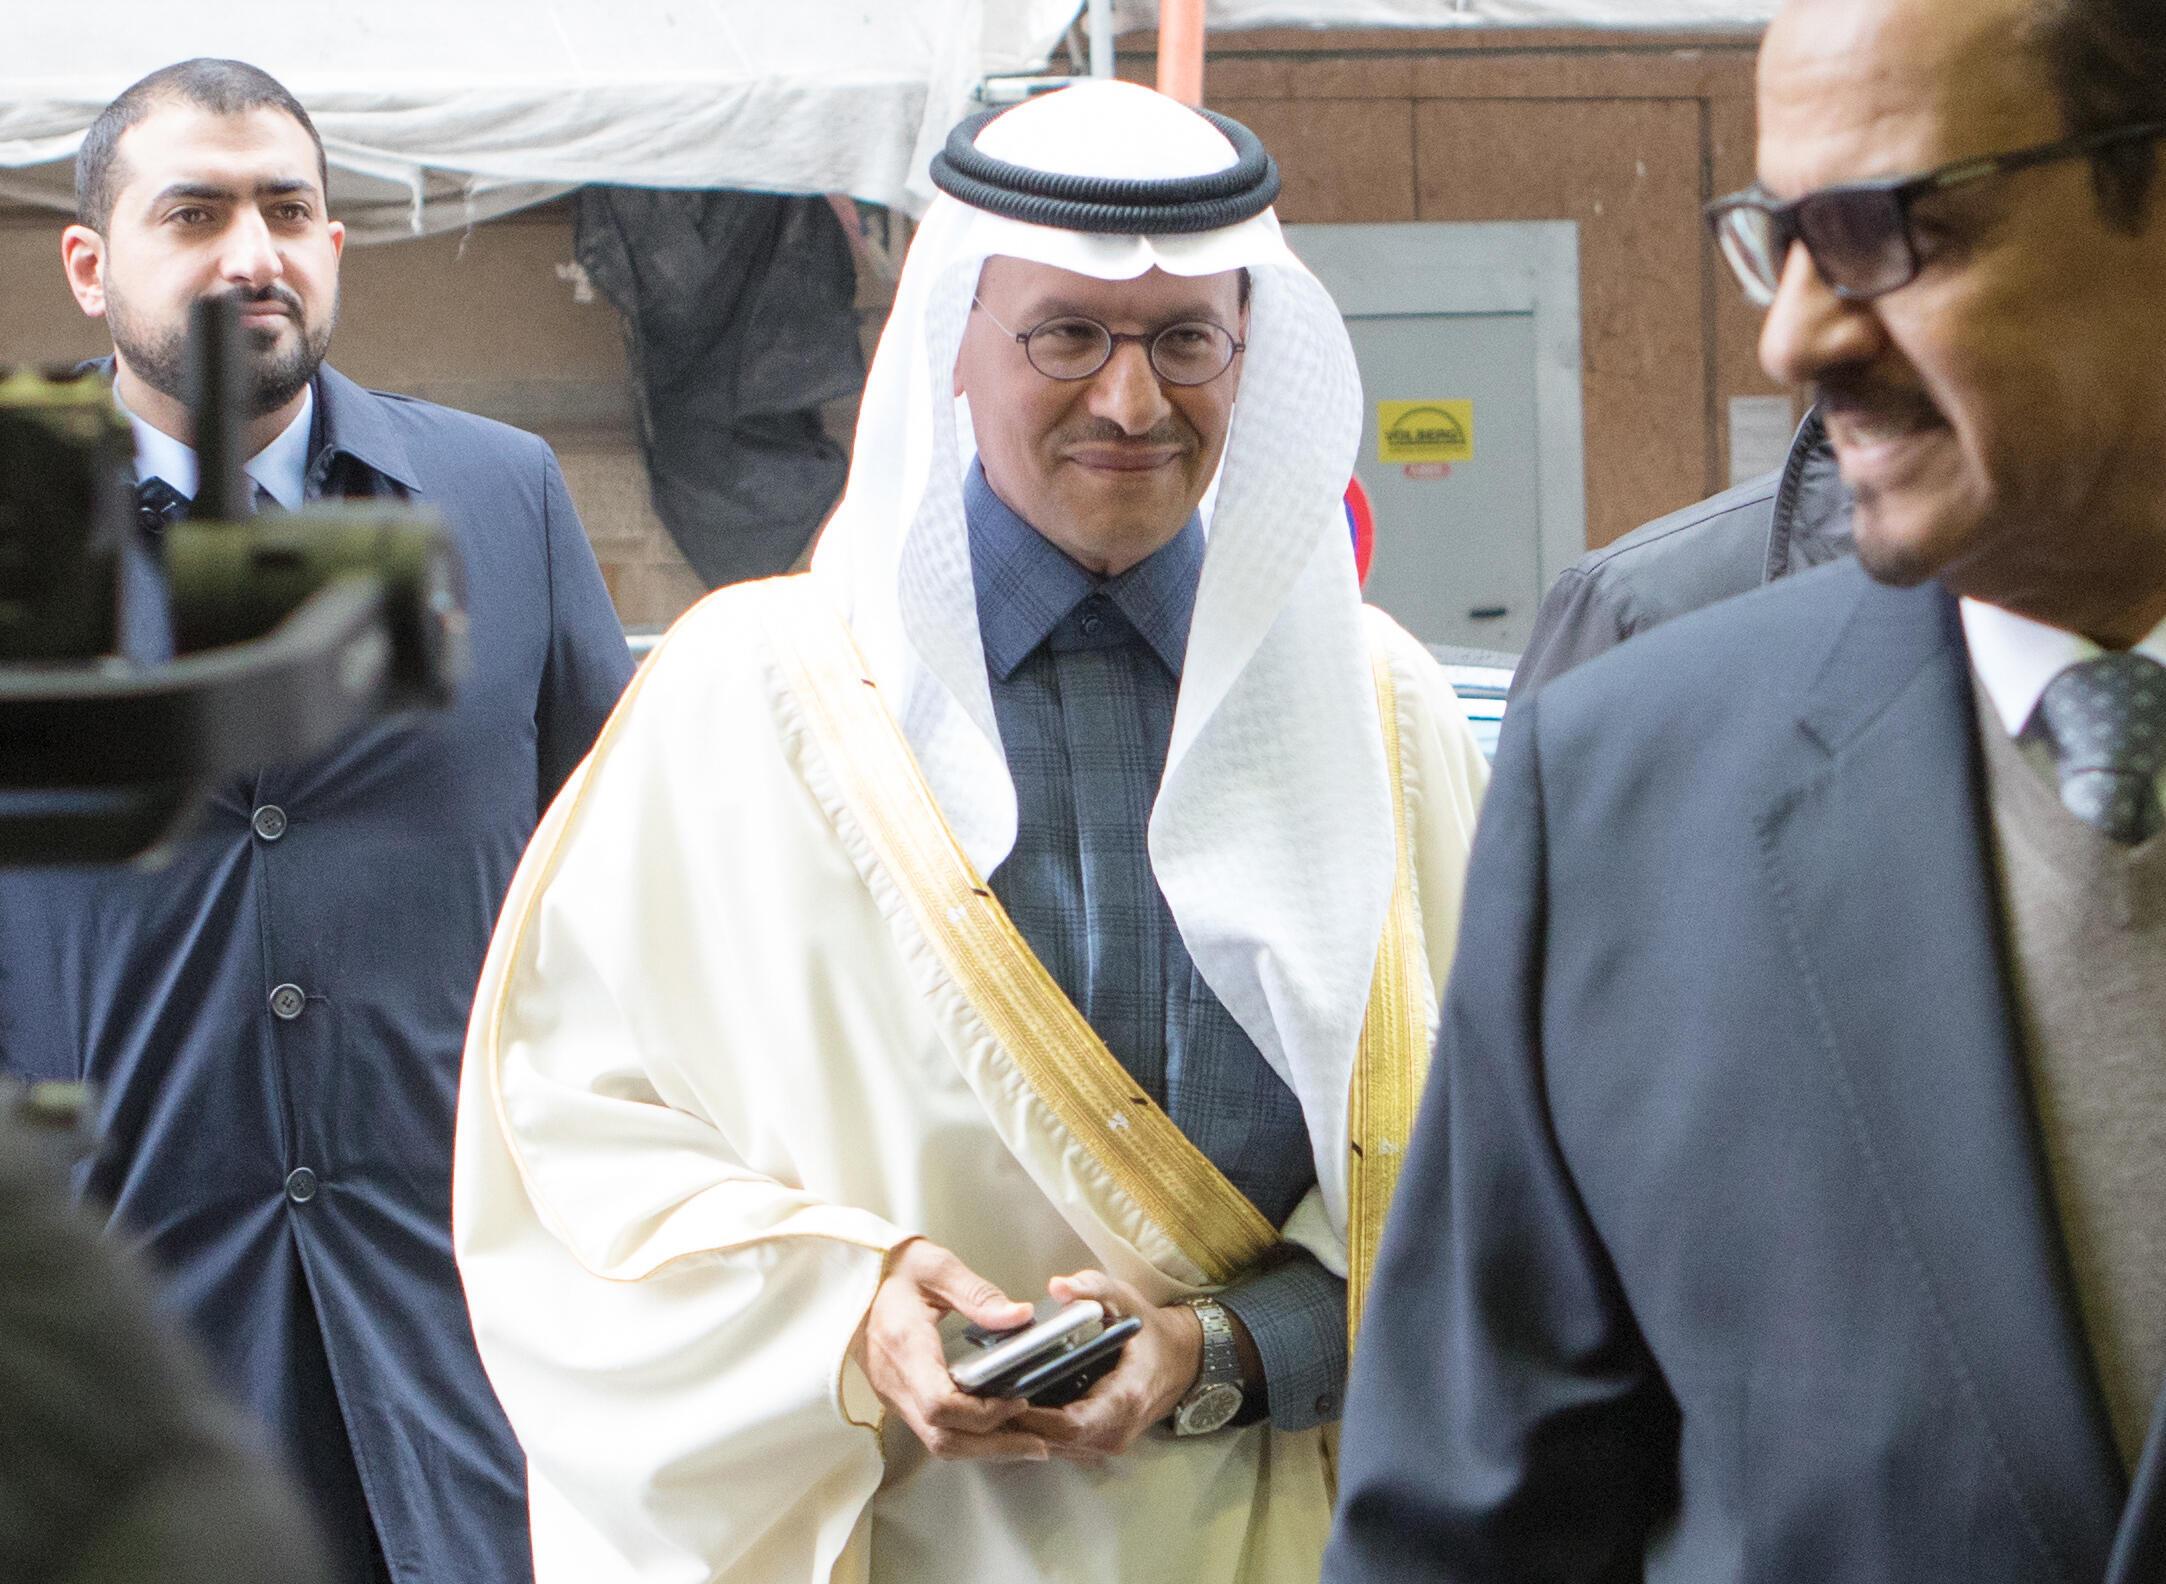 Image d'archive RFI : le ministre saoudien de l'Énergie, Abdelaziz bin Salman, participe à une réunion de l'OPEP à Vienne le 6 mars 2020